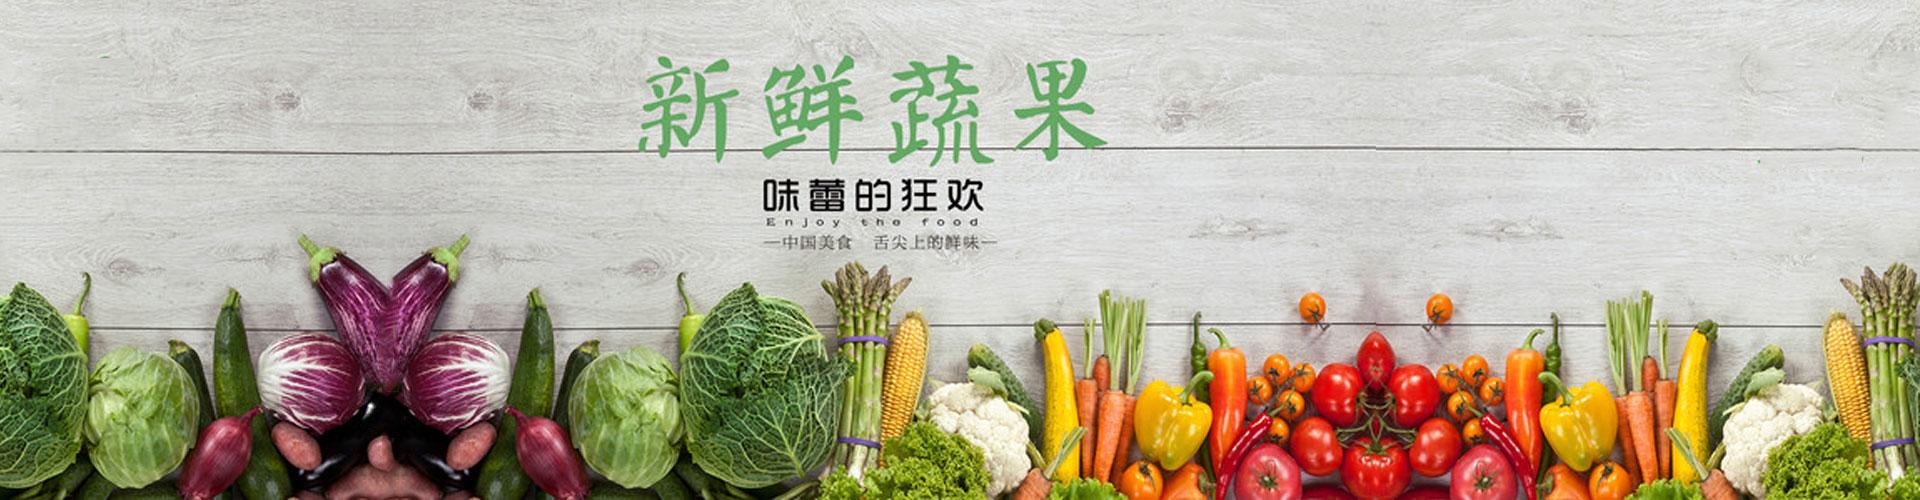 合肥木兰生态农业有限责任公司-banner2